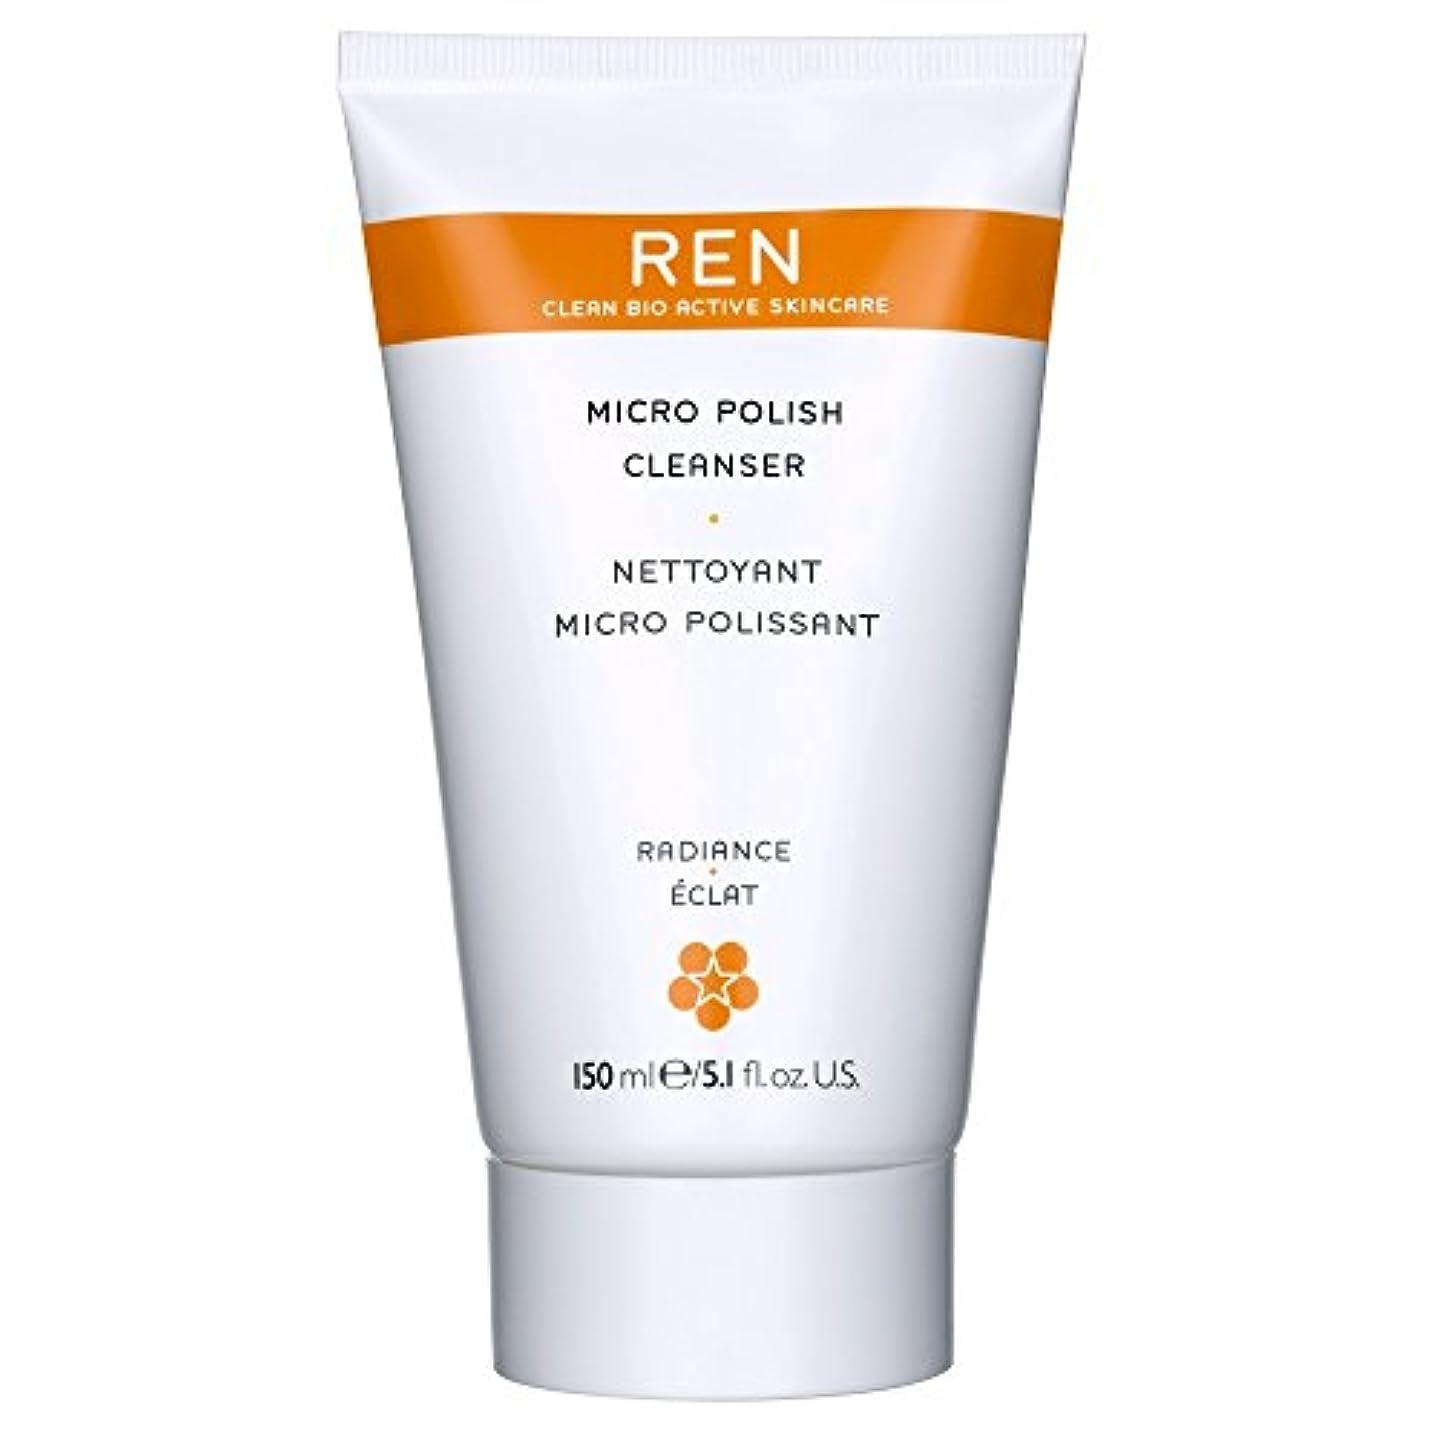 忌まわしい合図洞察力Renミルコ磨きクレンザー、150ミリリットル (REN) (x2) - REN Mirco Polish Cleanser, 150ml (Pack of 2) [並行輸入品]